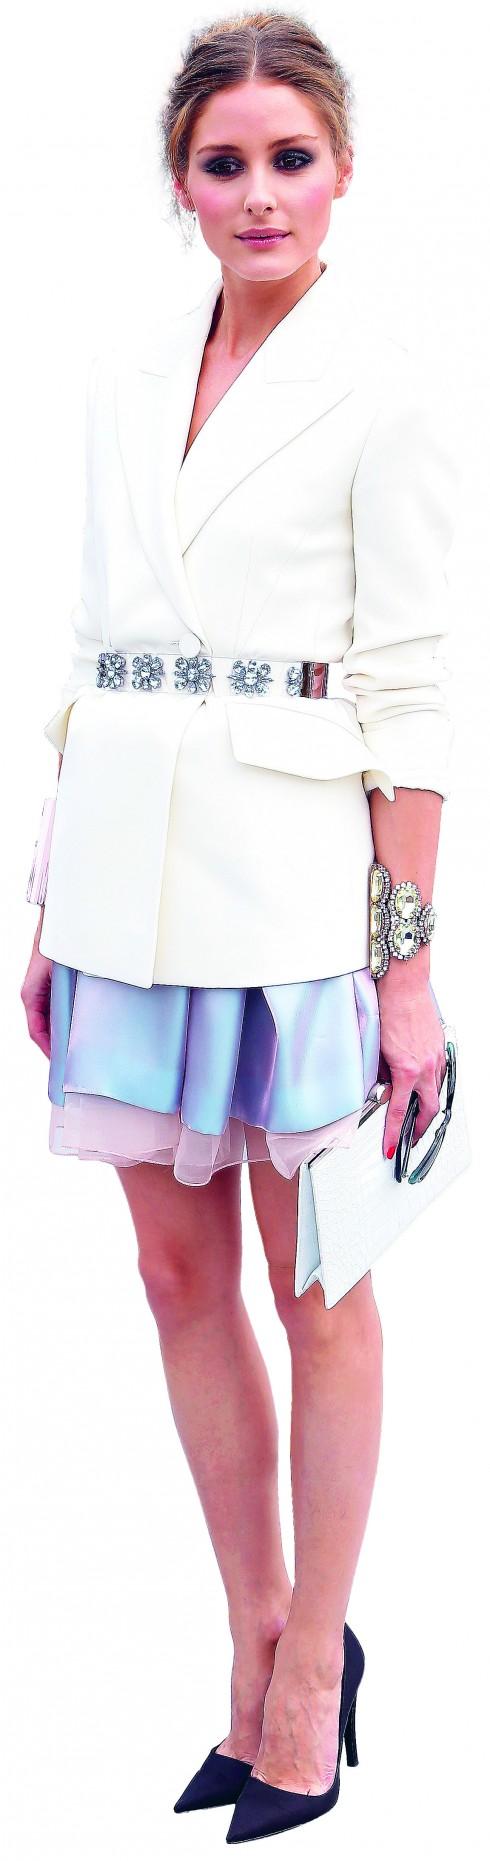 <b>8.</b> Người đẹp Olivia gây ấn tượng tại buổi diễn của Dior nhờ phong cách thanh lịch, mềm mại với blazer trắng cài thắt lưng đá xanh ton-sur-ton với chân váy lụa ánh kim và vòng tay bản lớn.